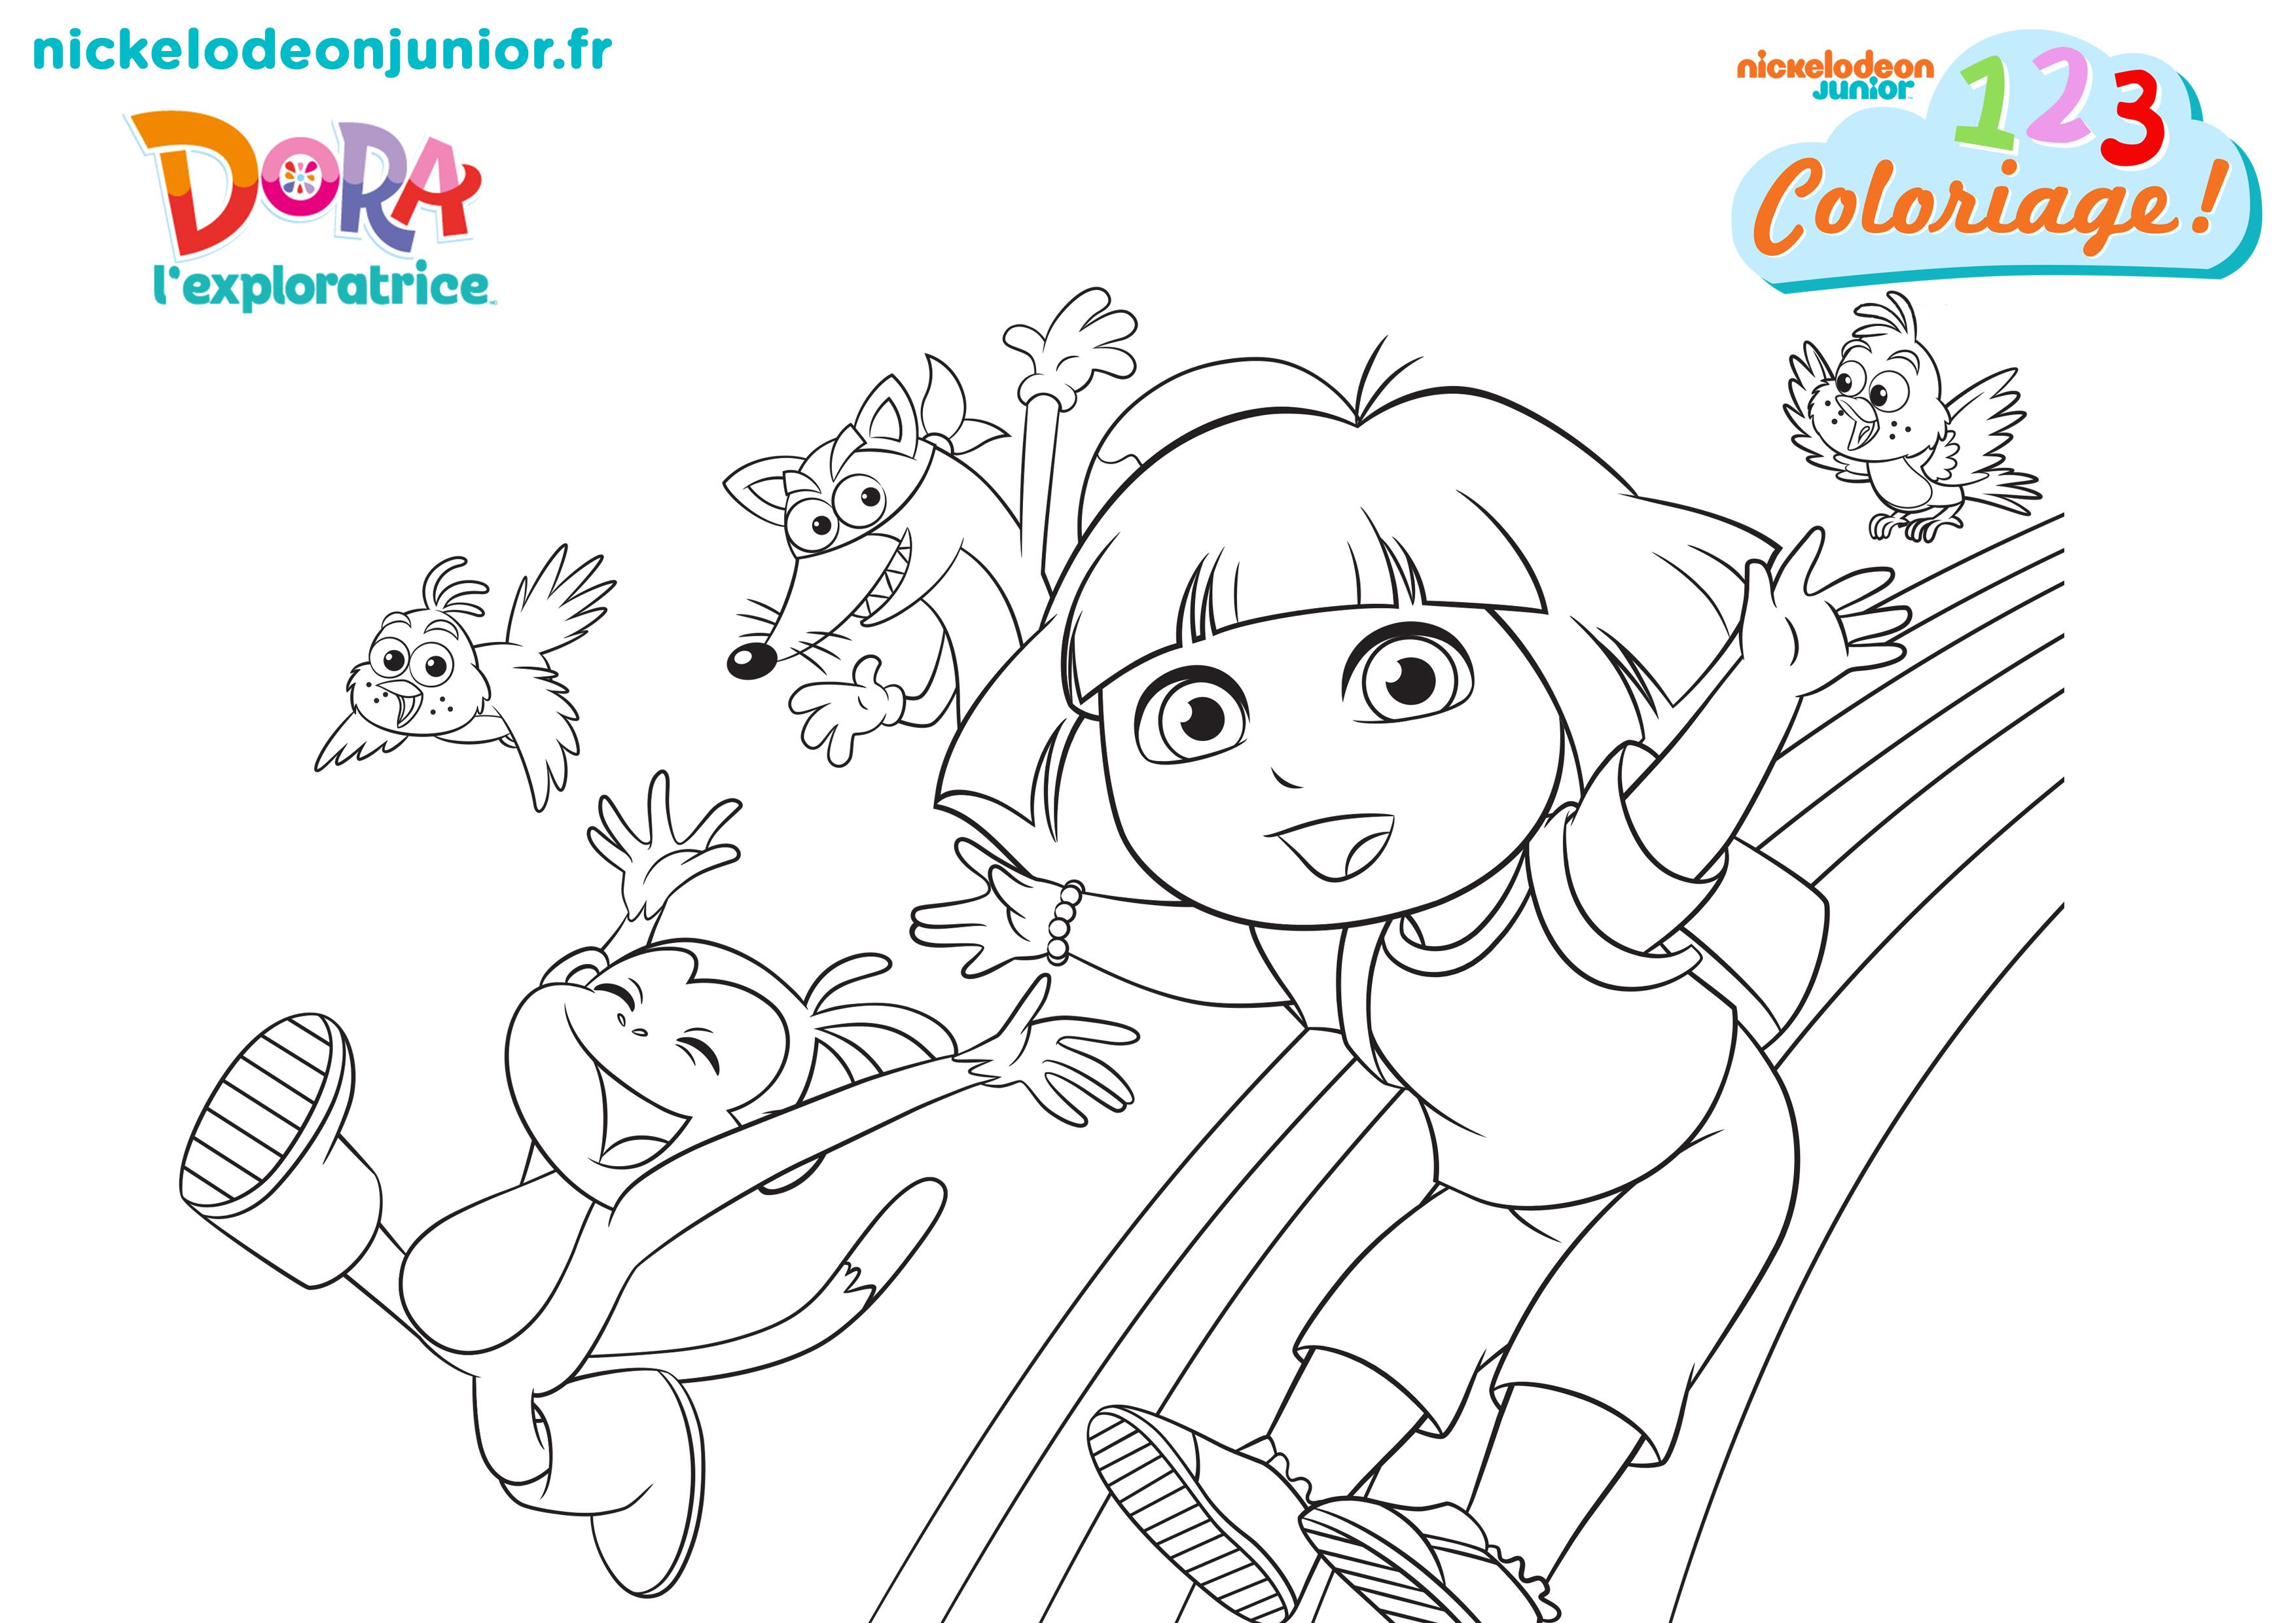 1, 2, 3 Coloriage ! | Coloriez Le Dessin De 1, 2, 3 dedans Dessin A Colorier Dora Gratuit A Imprimer